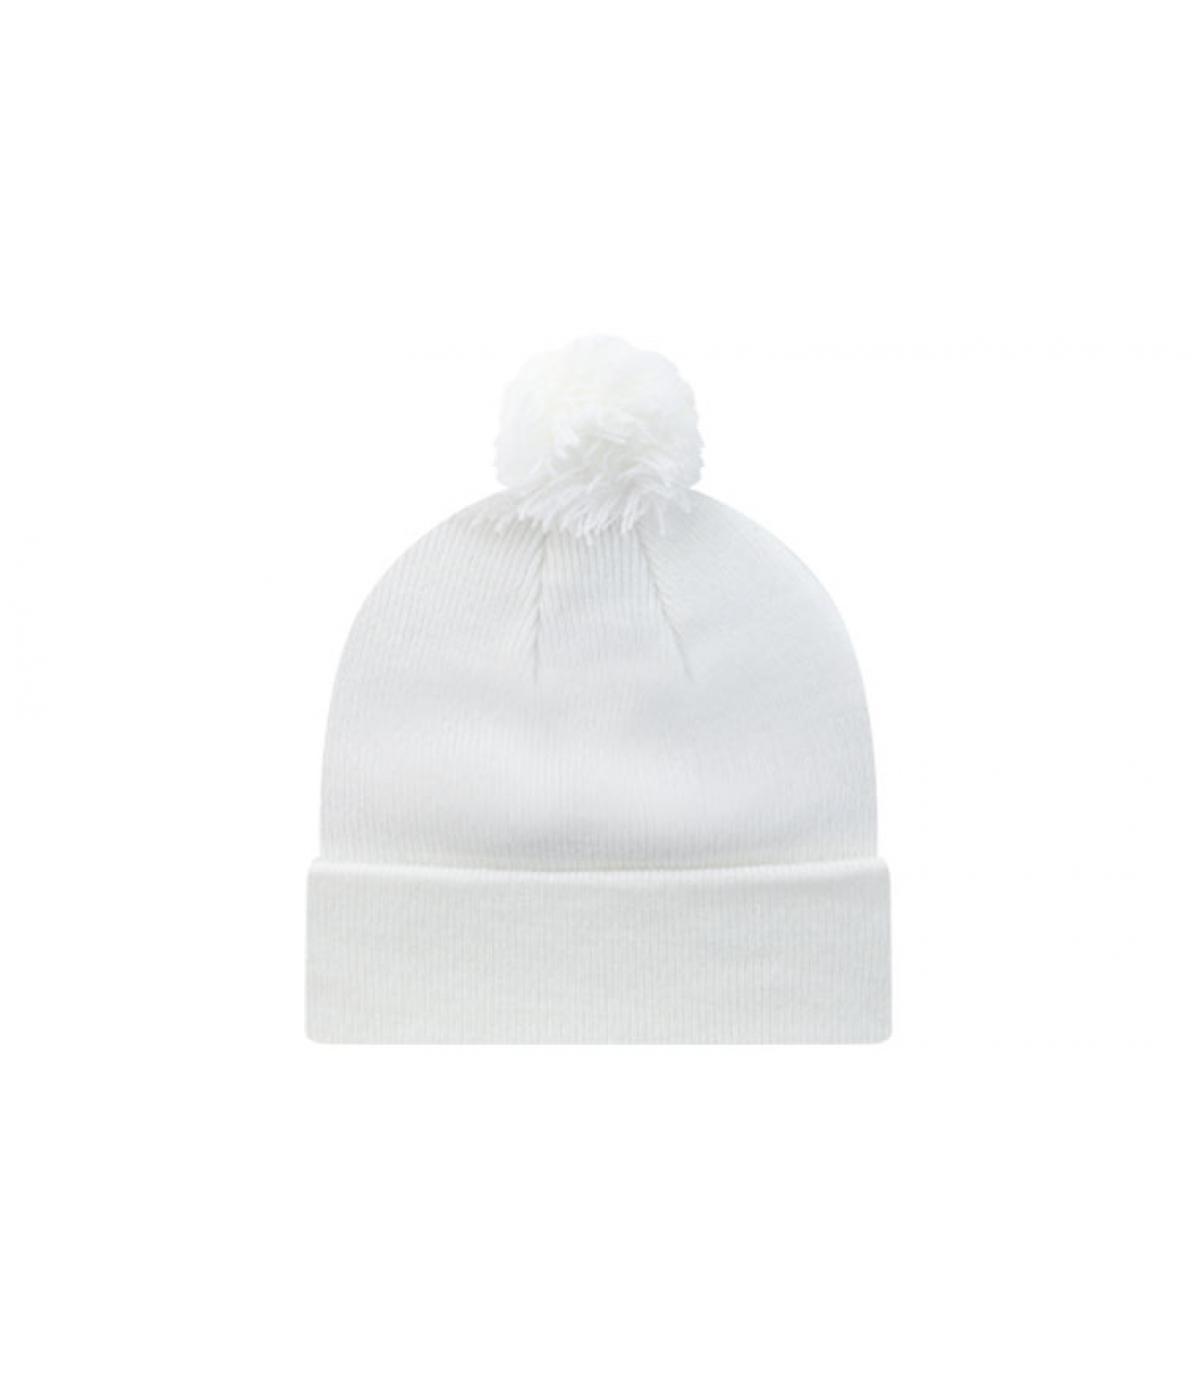 Bonnet pompon blank blanc